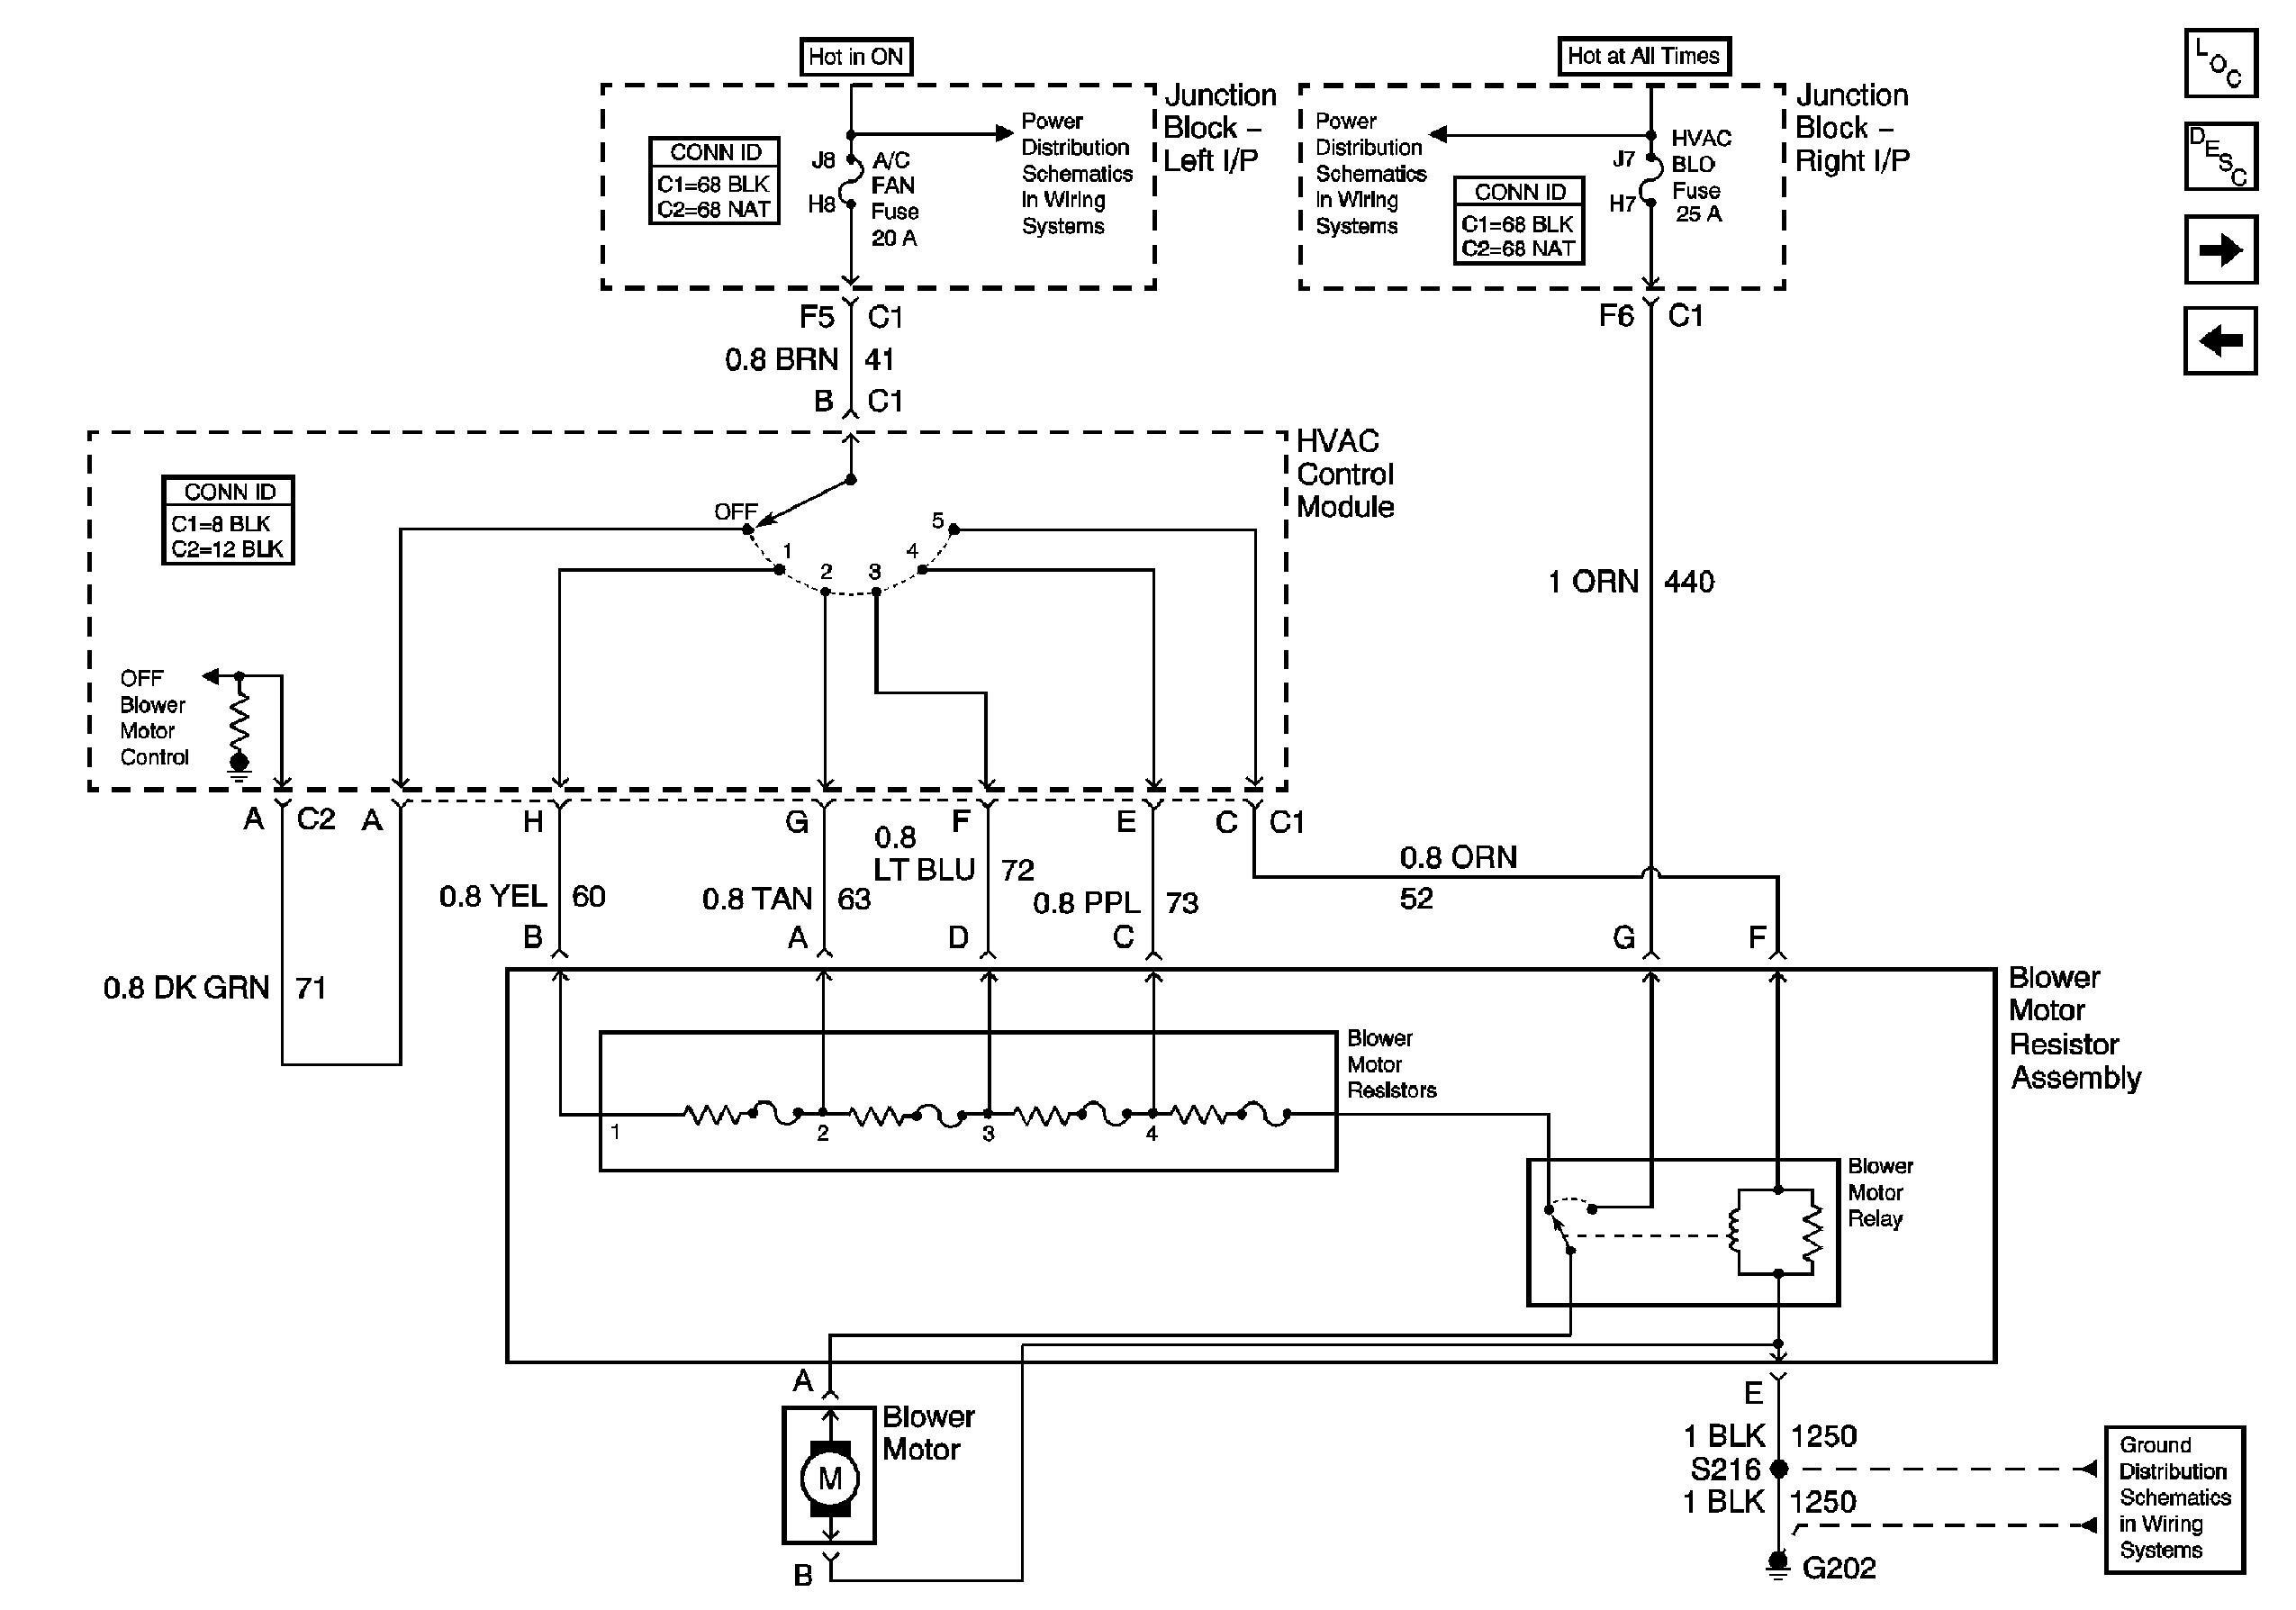 Miraculous Gm Blower Motor Wiring Diagram Wiring Diagram Database Wiring Cloud Faunaidewilluminateatxorg